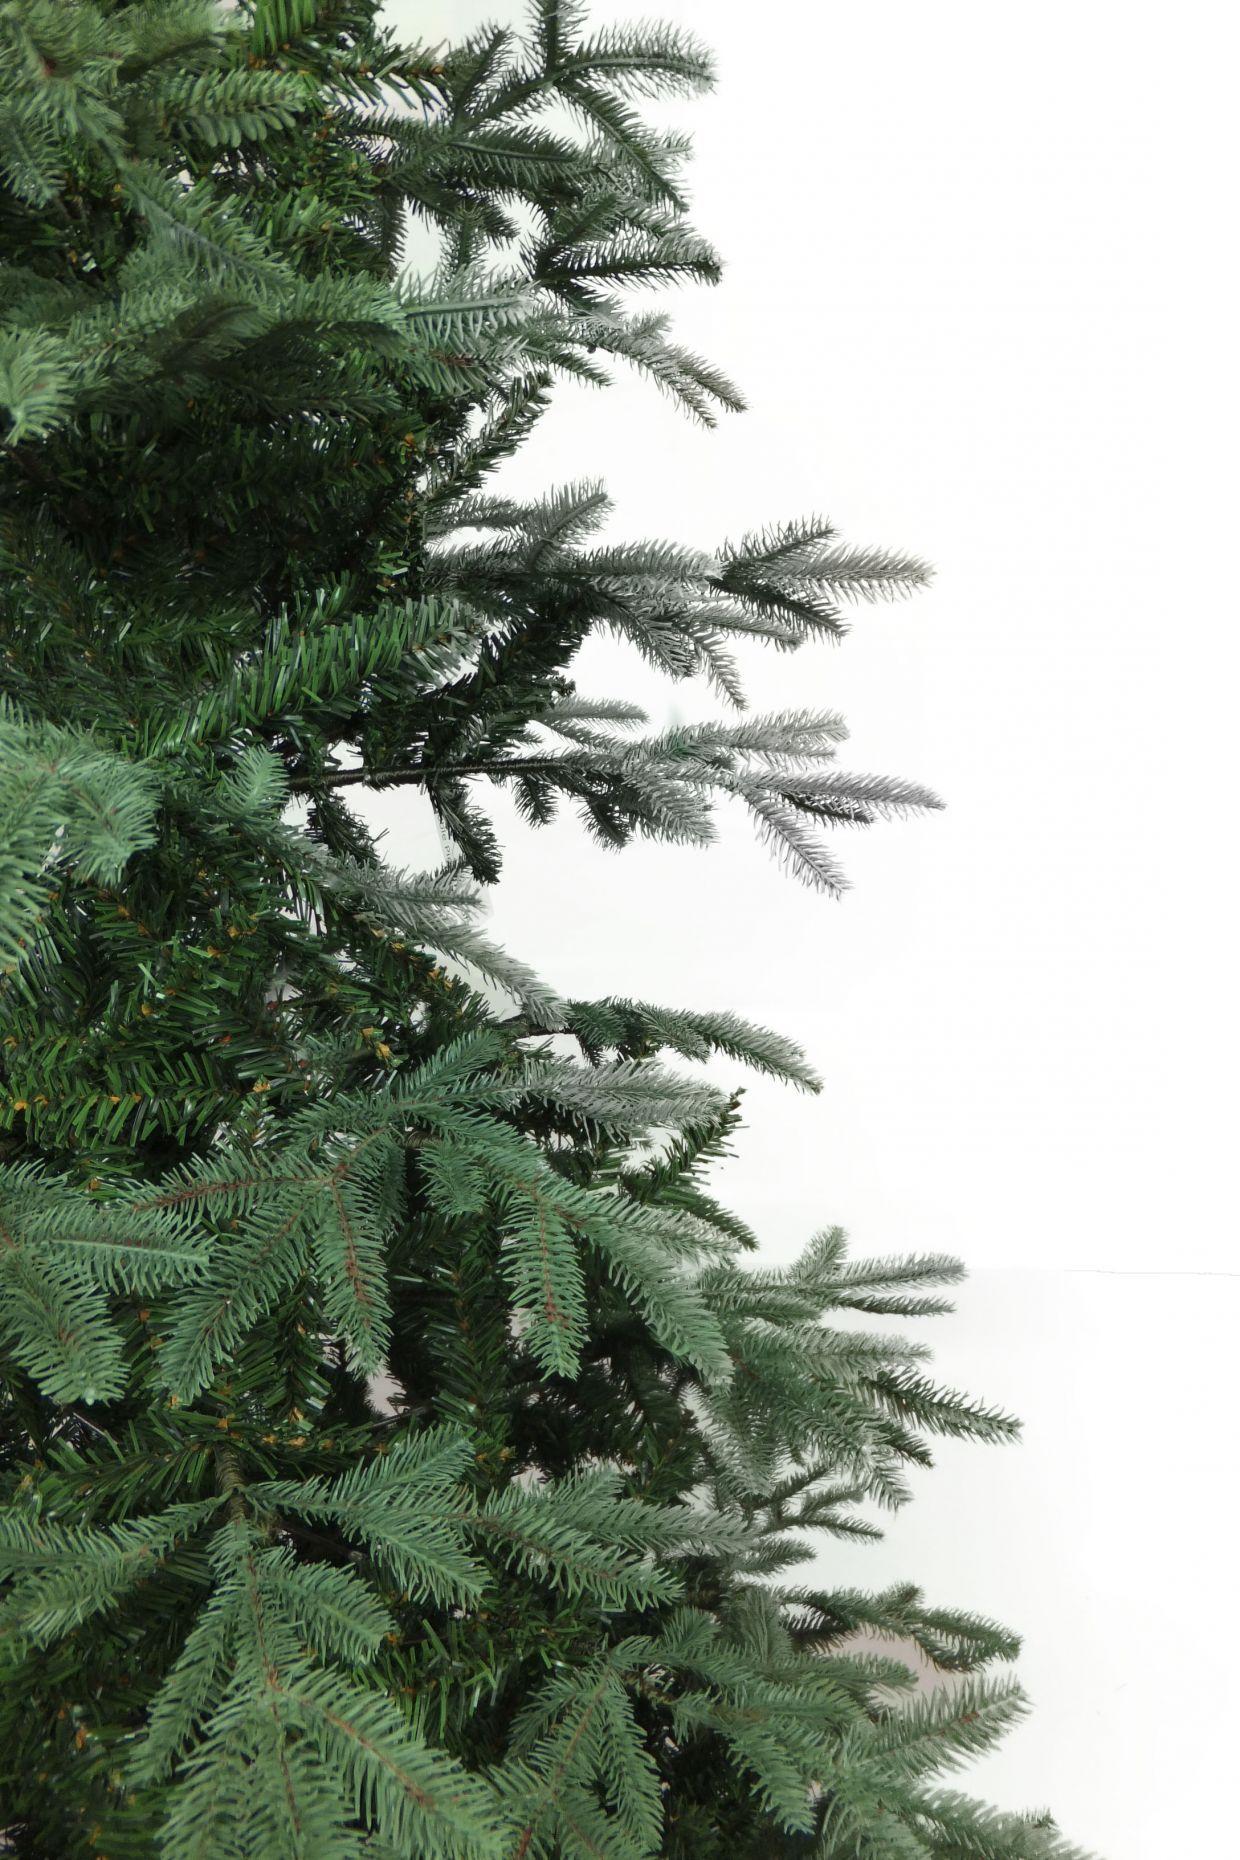 Artificial Fraser Fir Christmas Tree :: Just Artificial